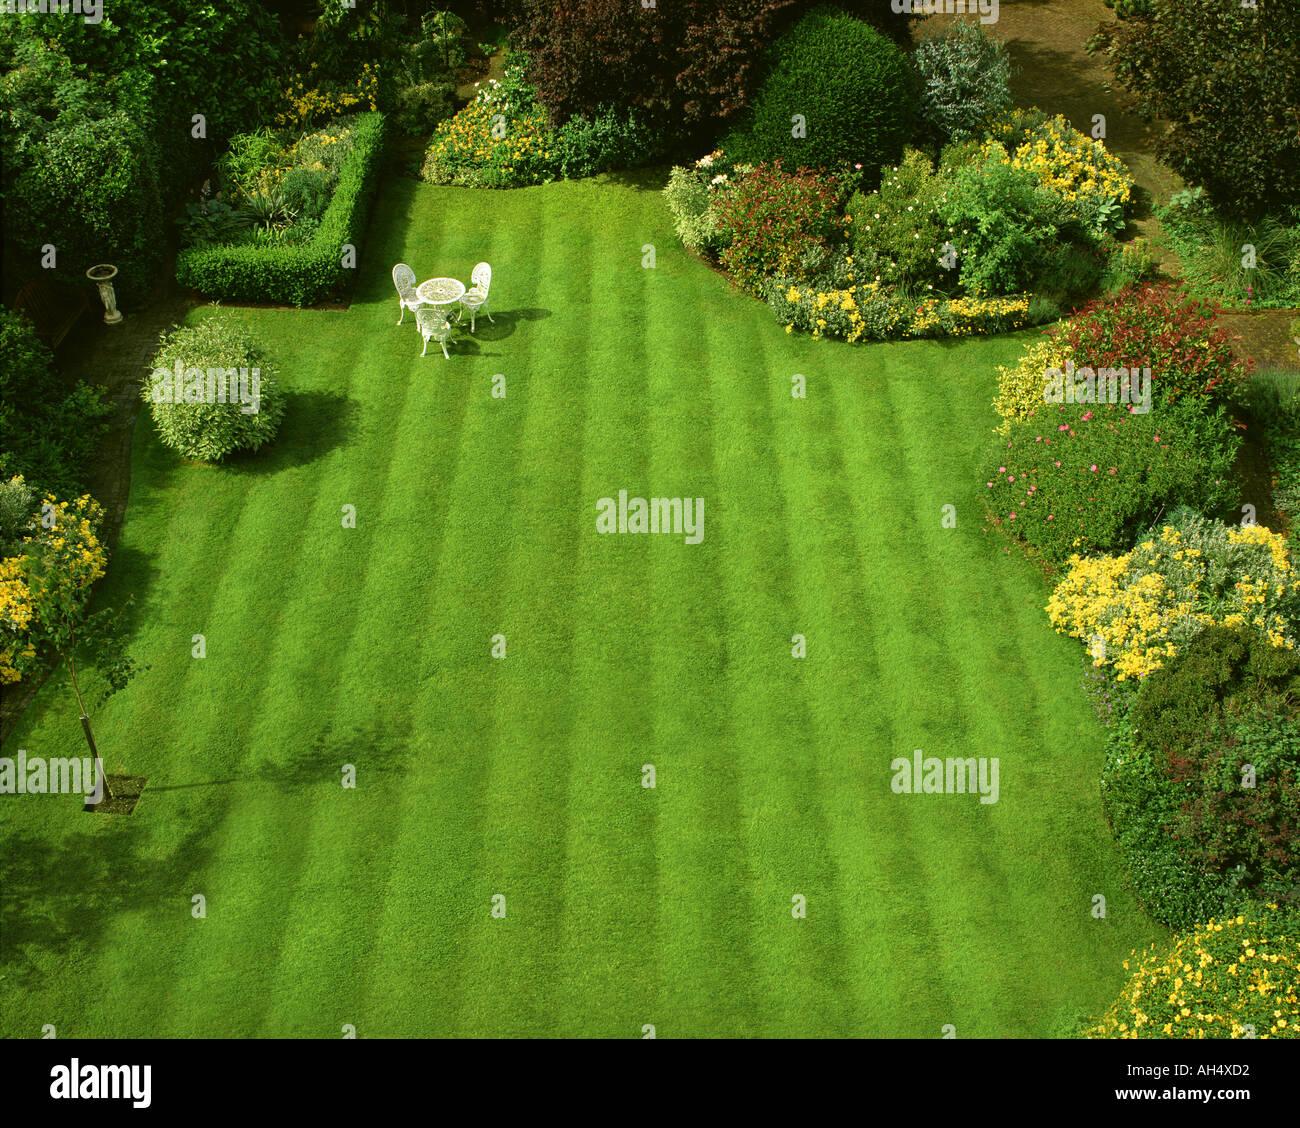 GB - GLOUCESTERSHIRE: Garten-Szene am Parkgate in Cheltenham Stockbild